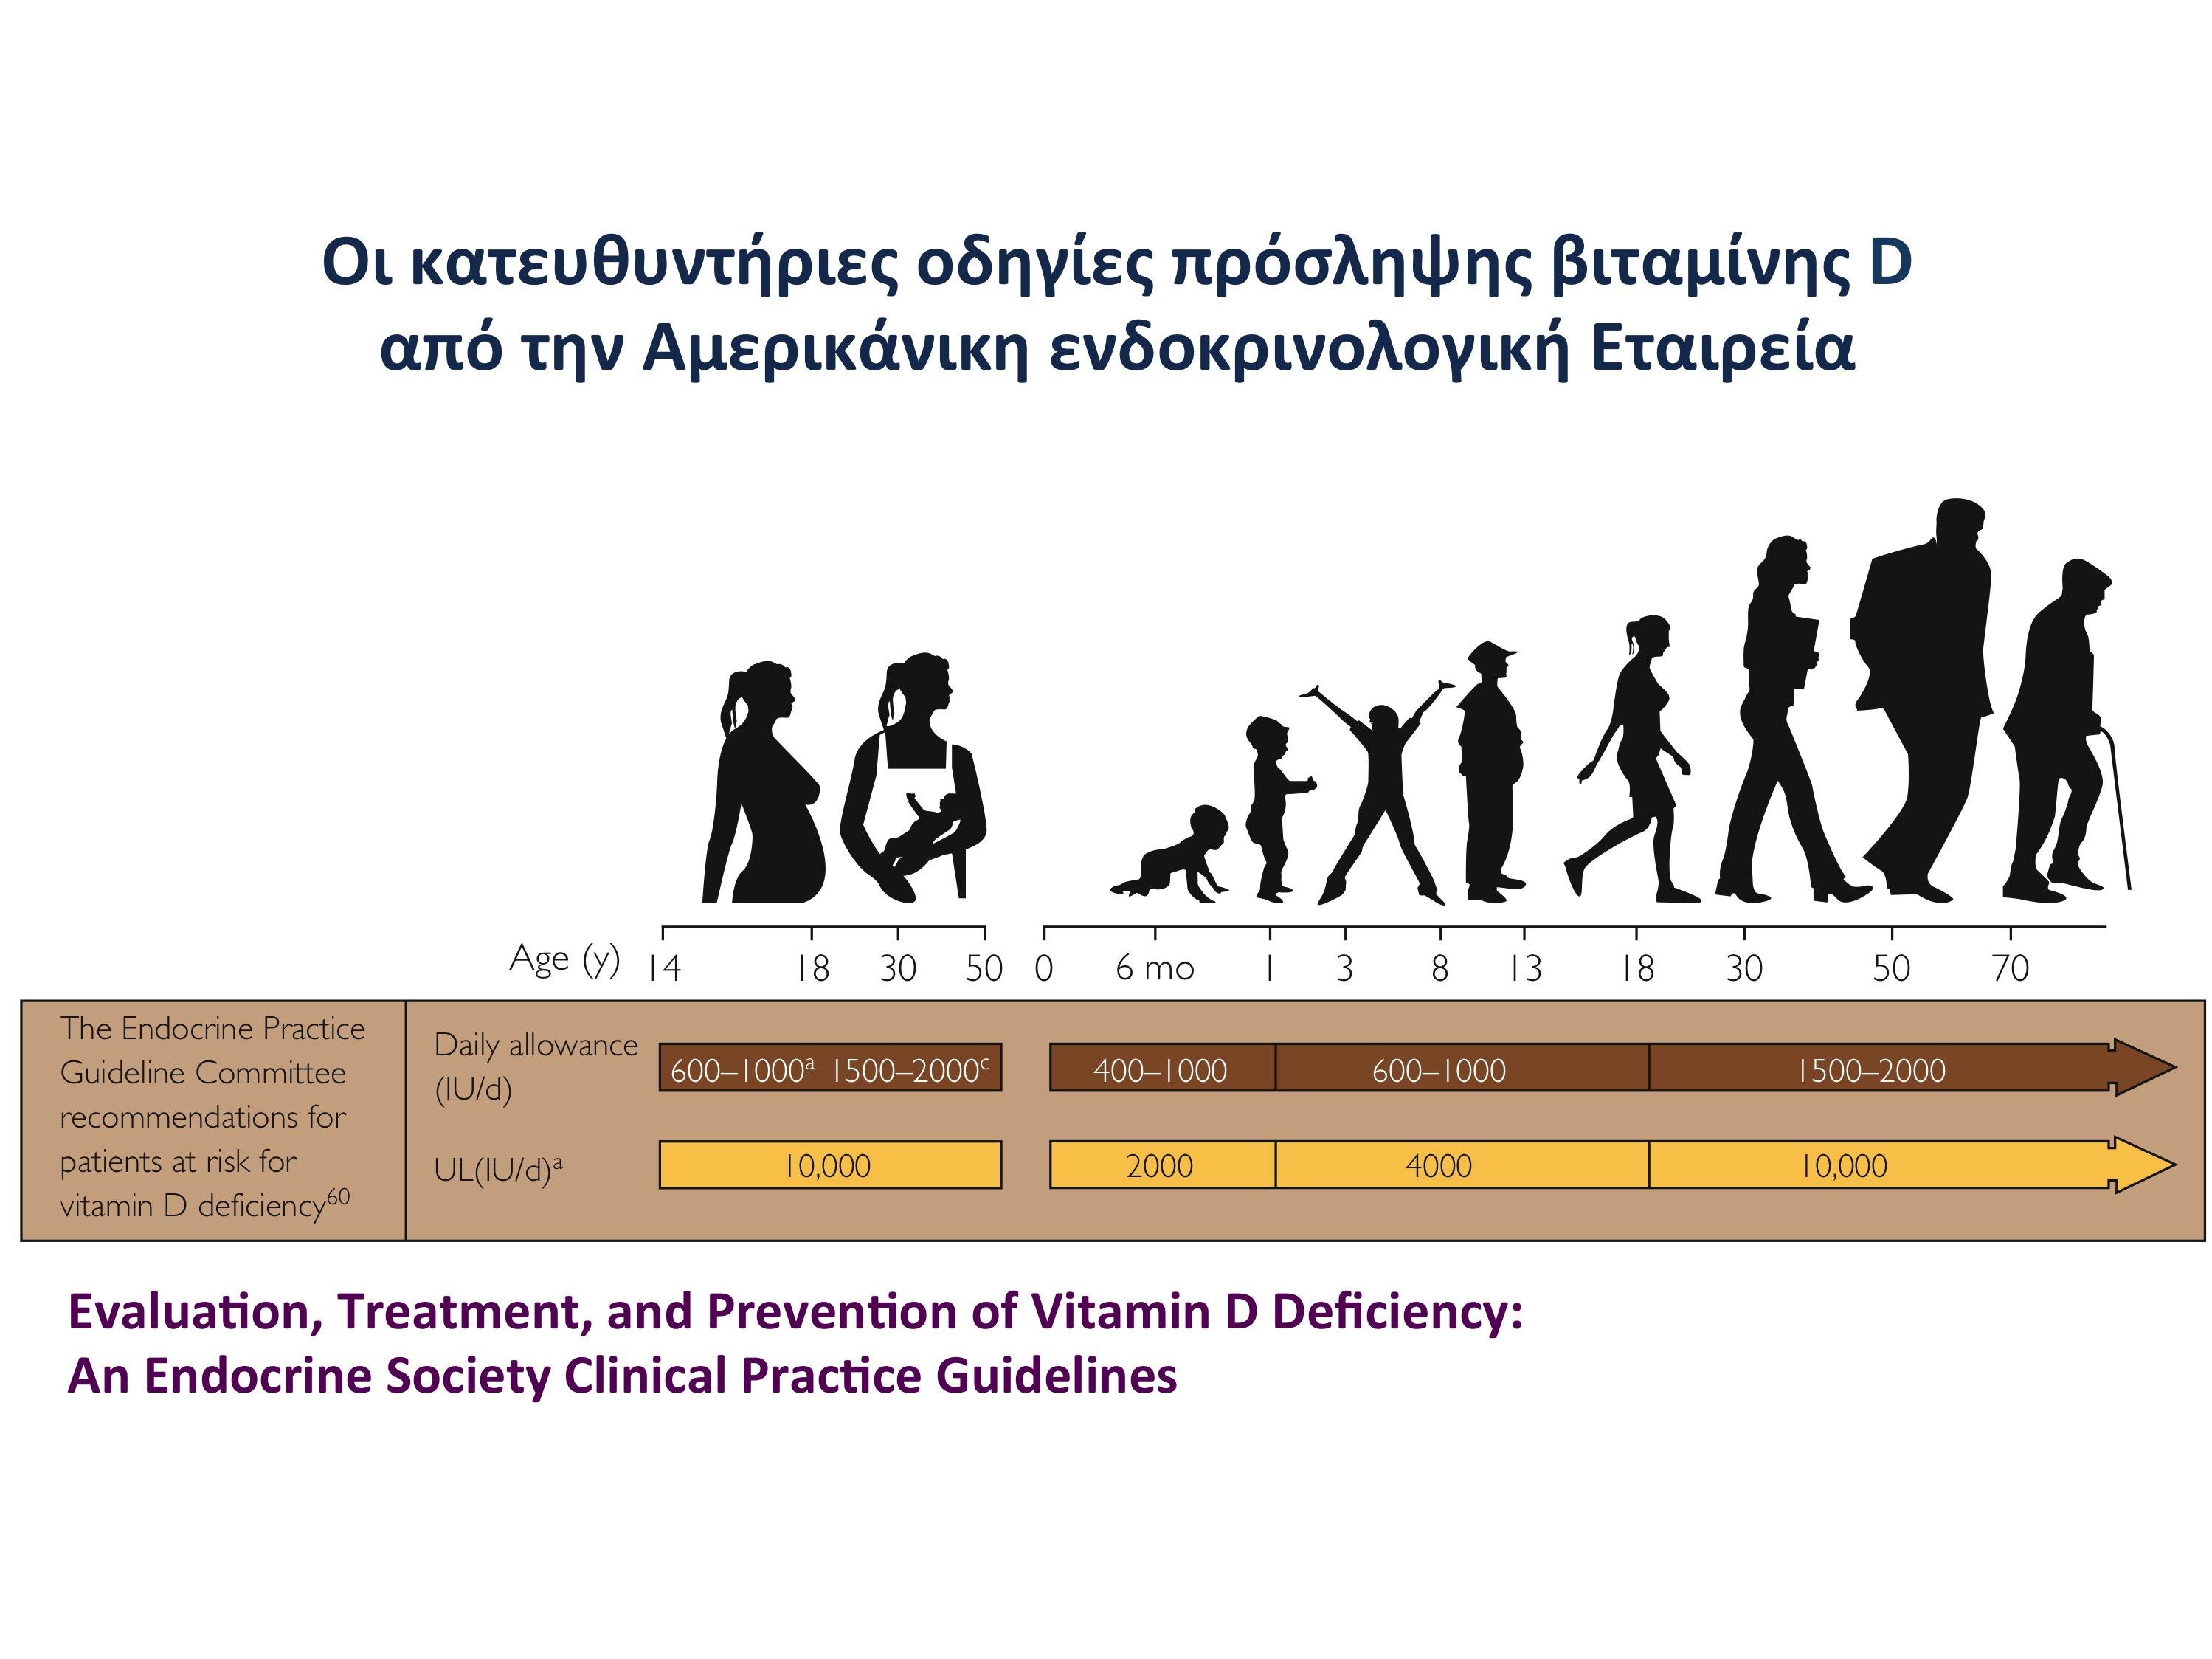 Νέος ρόλος της Βιταμίνης D σε παιδιά και ενήλικες